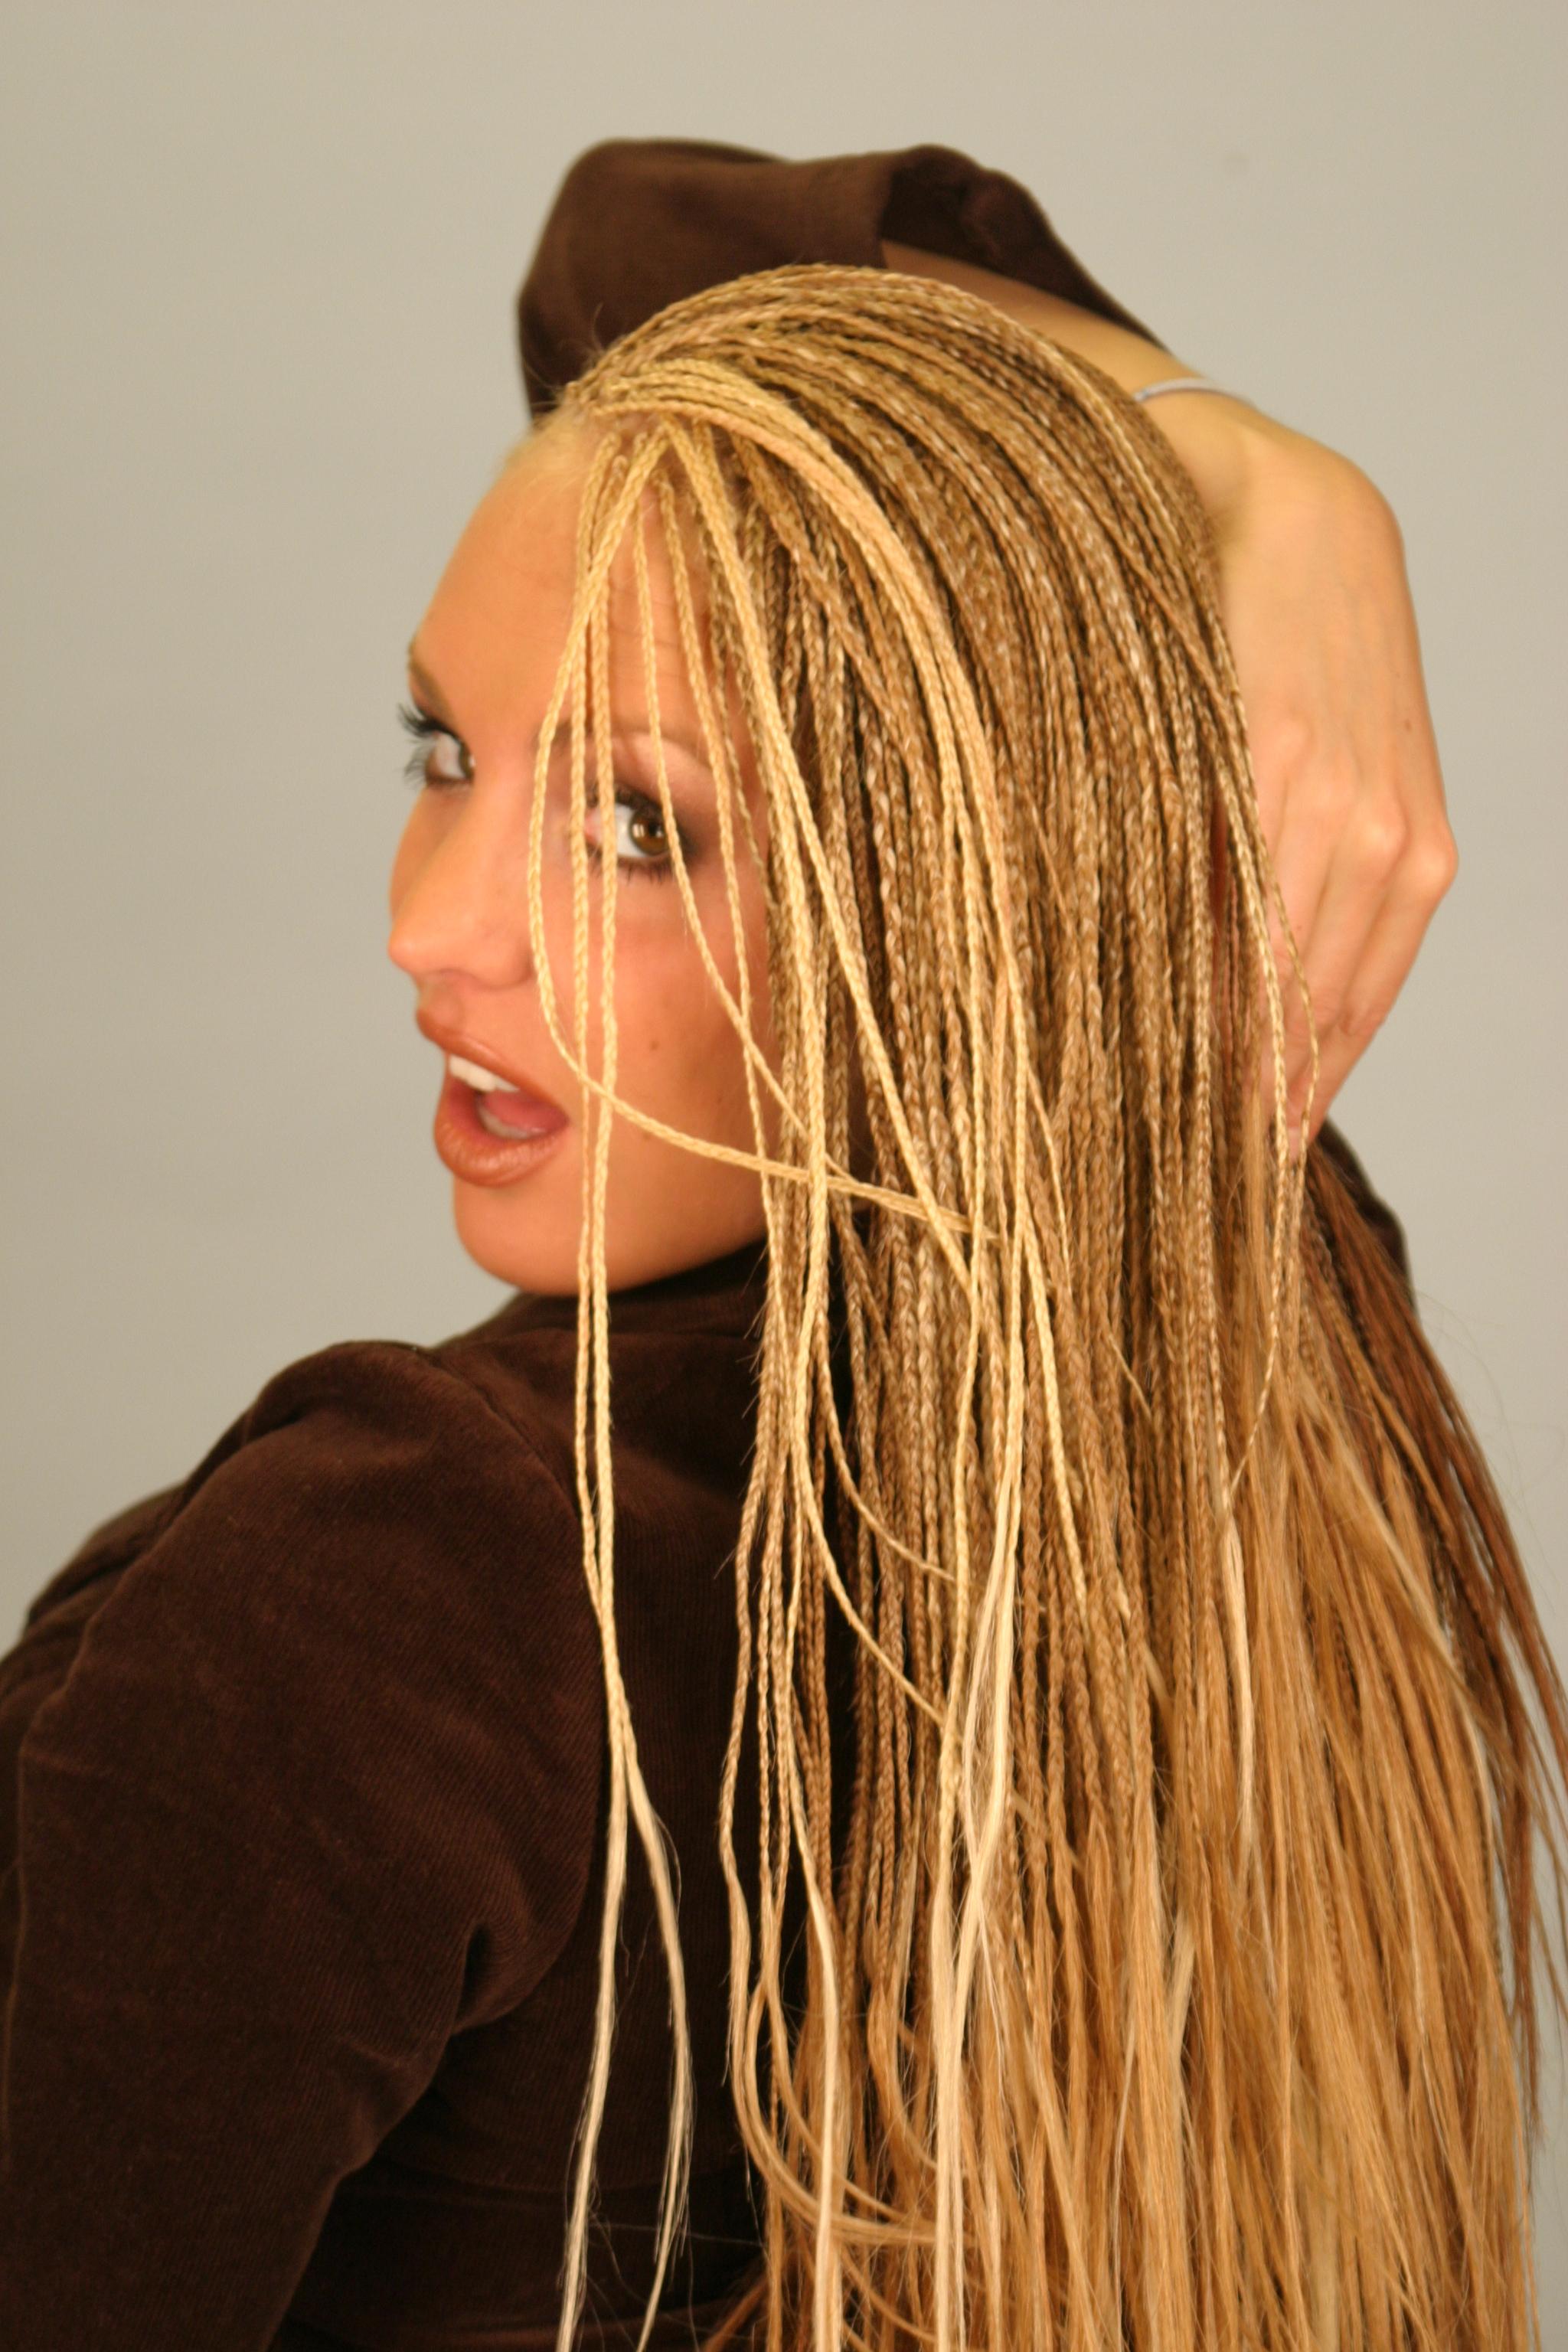 Kadın ince saç örgü imajlarına ihtiyacım var